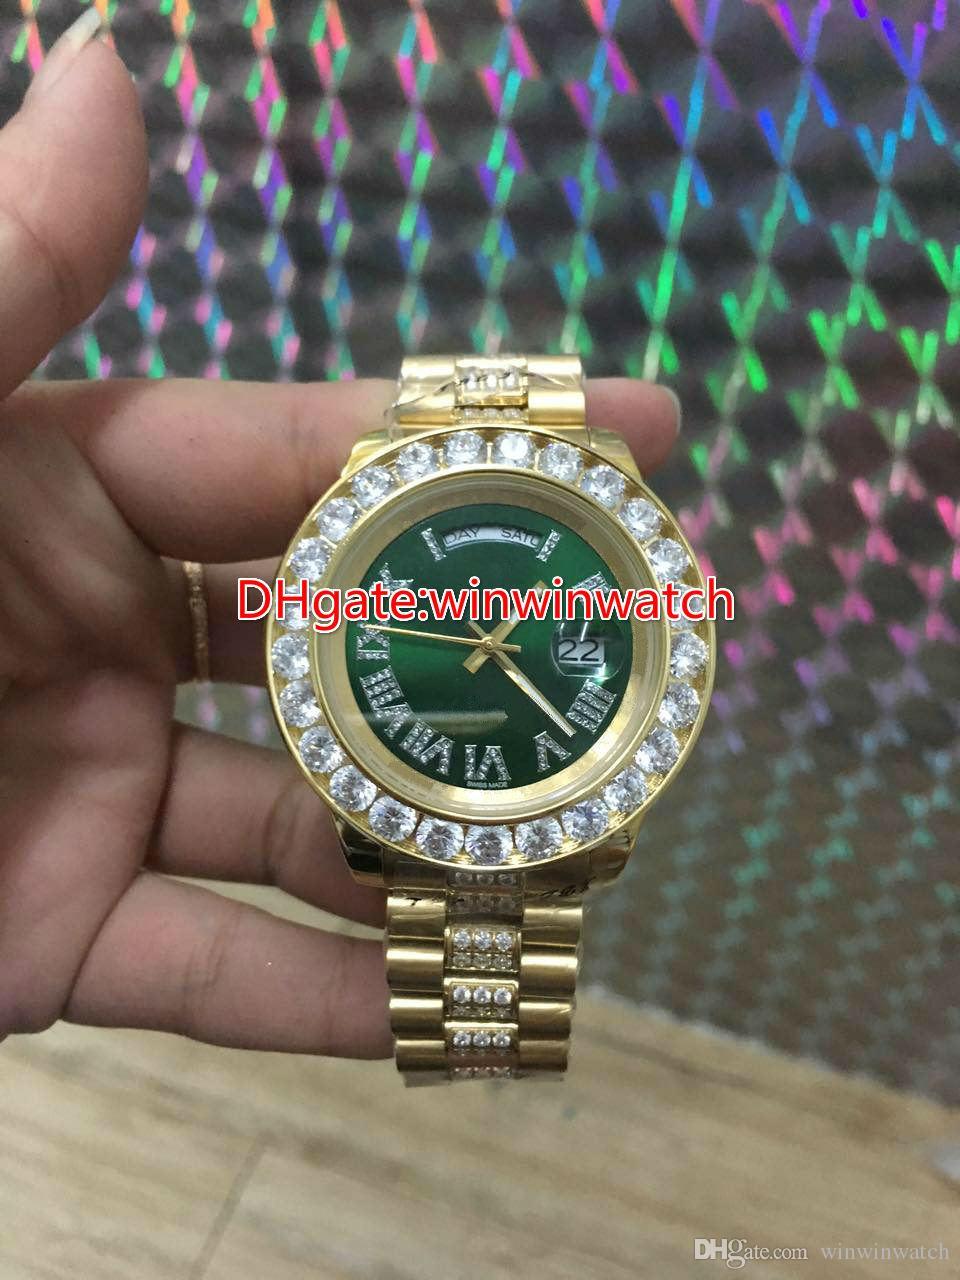 Big Diamond automatique montre pour hommes marque de haute qualité en acier inoxydable coquille d'or Multi cadran couleur 43MM modes montres diamant